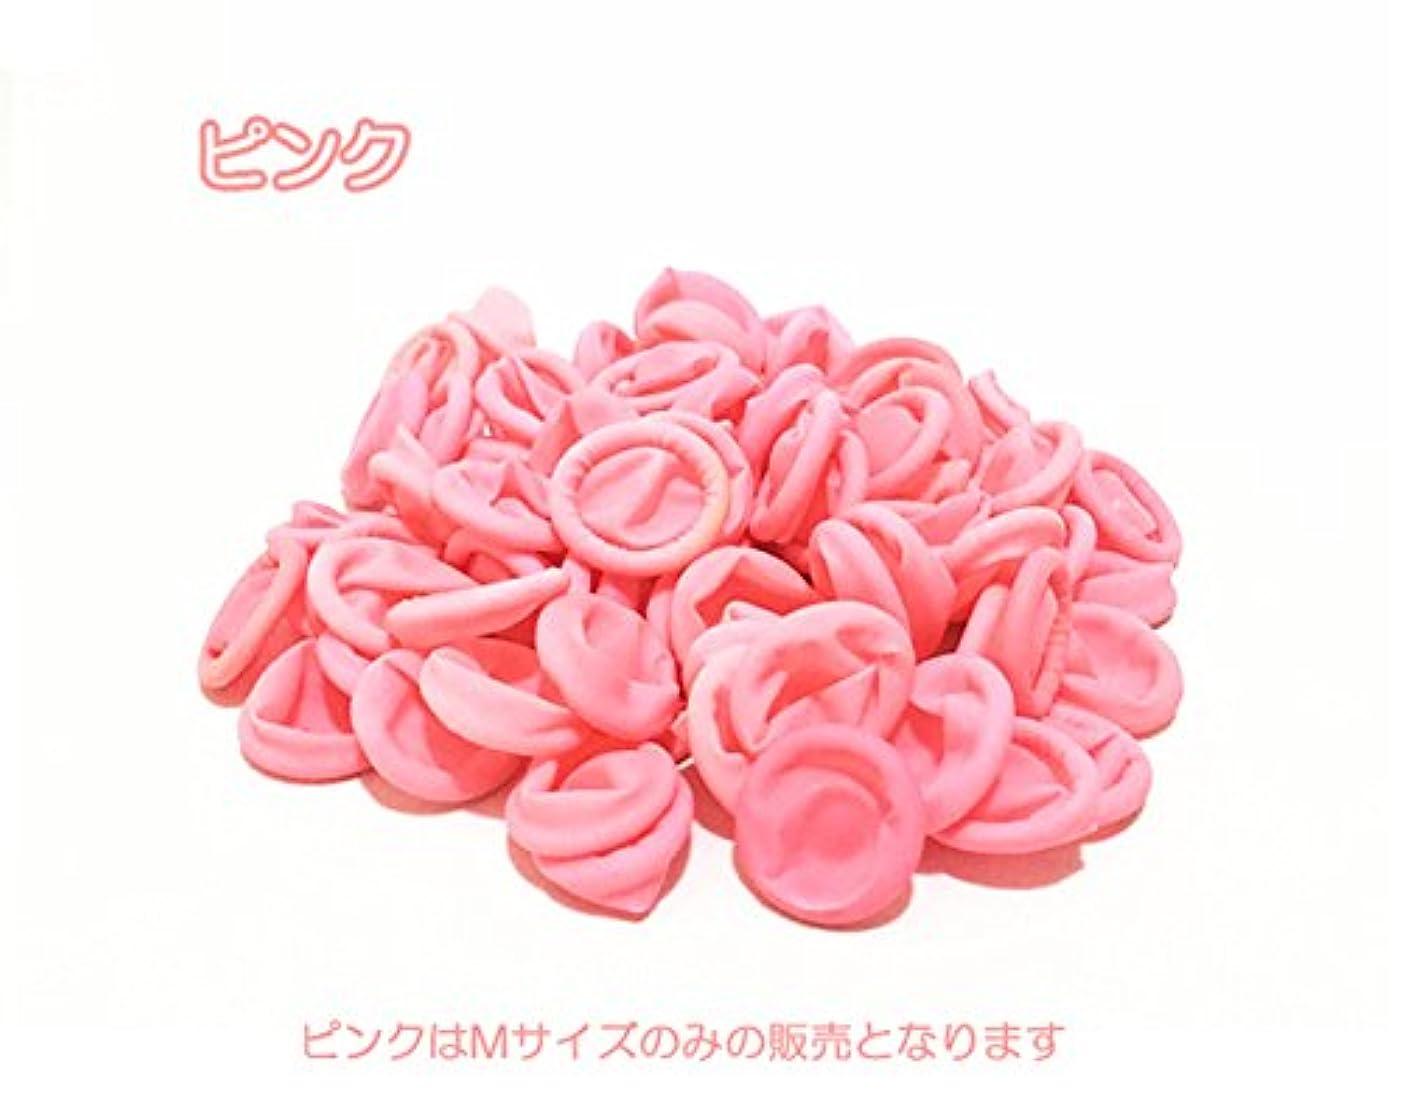 突破口卵固体ネイルフィンガーキャップ☆ジェルネイルオフ用【100個入り】 (3#ピンクM100個)